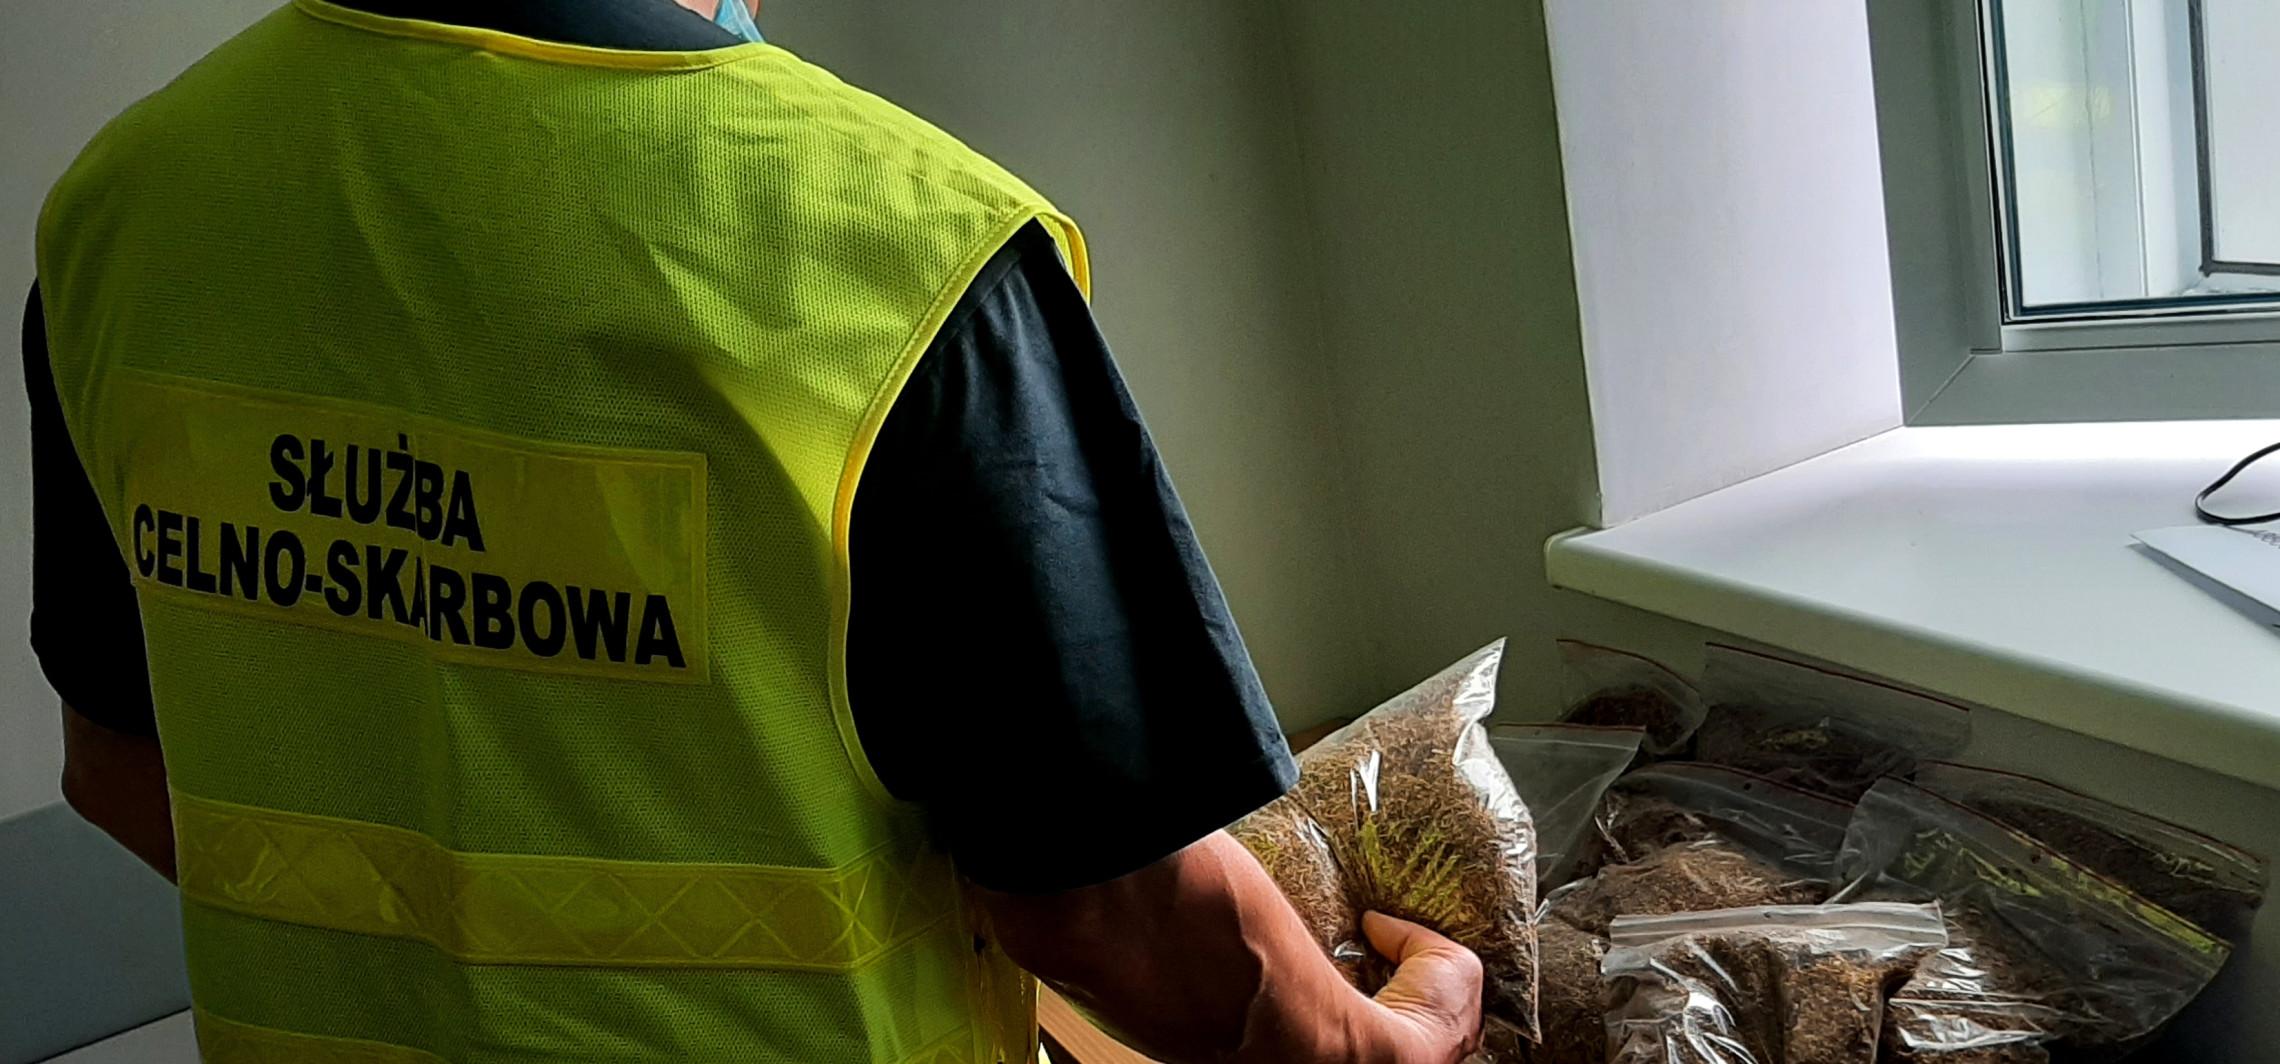 Kujawsko-Pomorskie - Kolejne przypadki nielegalnej sprzedaży w regionie